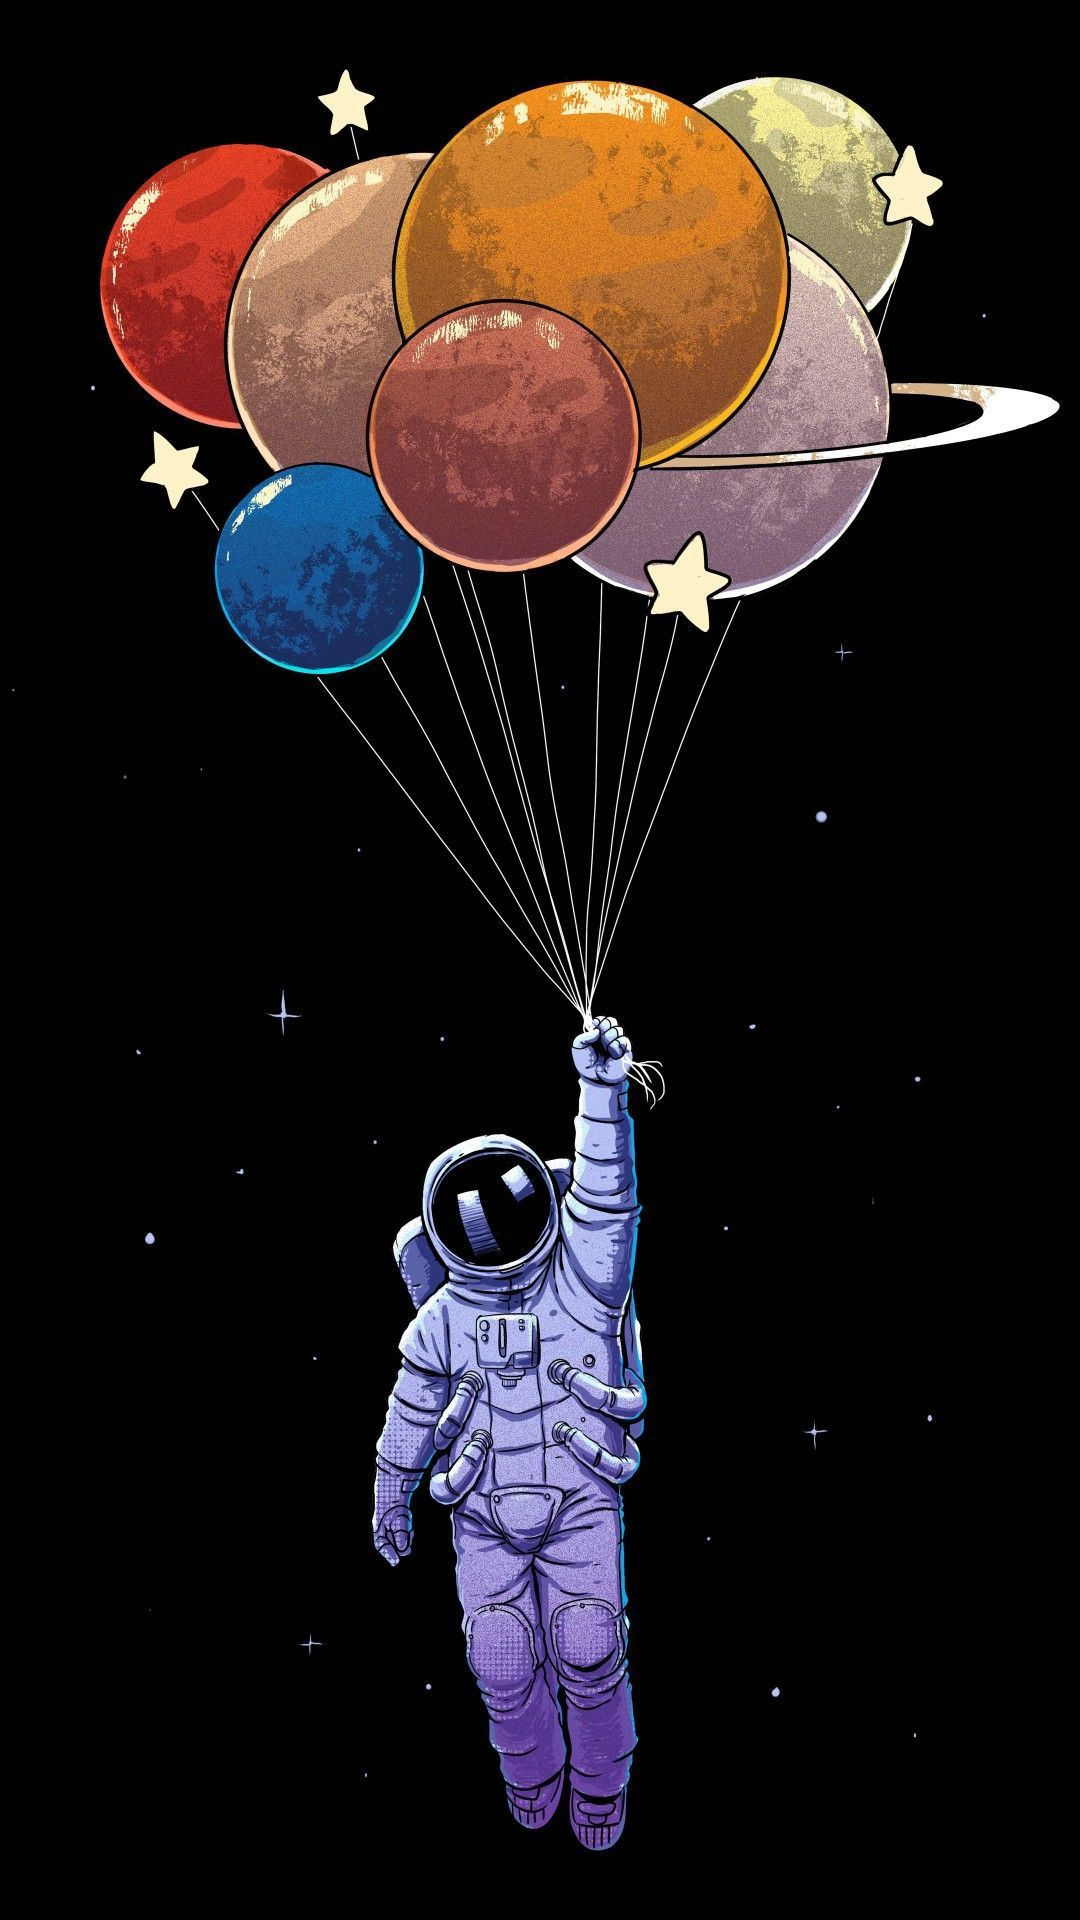 Illustration, Astronaut, Cartoon, Graphic design, Balloon, Art iphone wallpaper